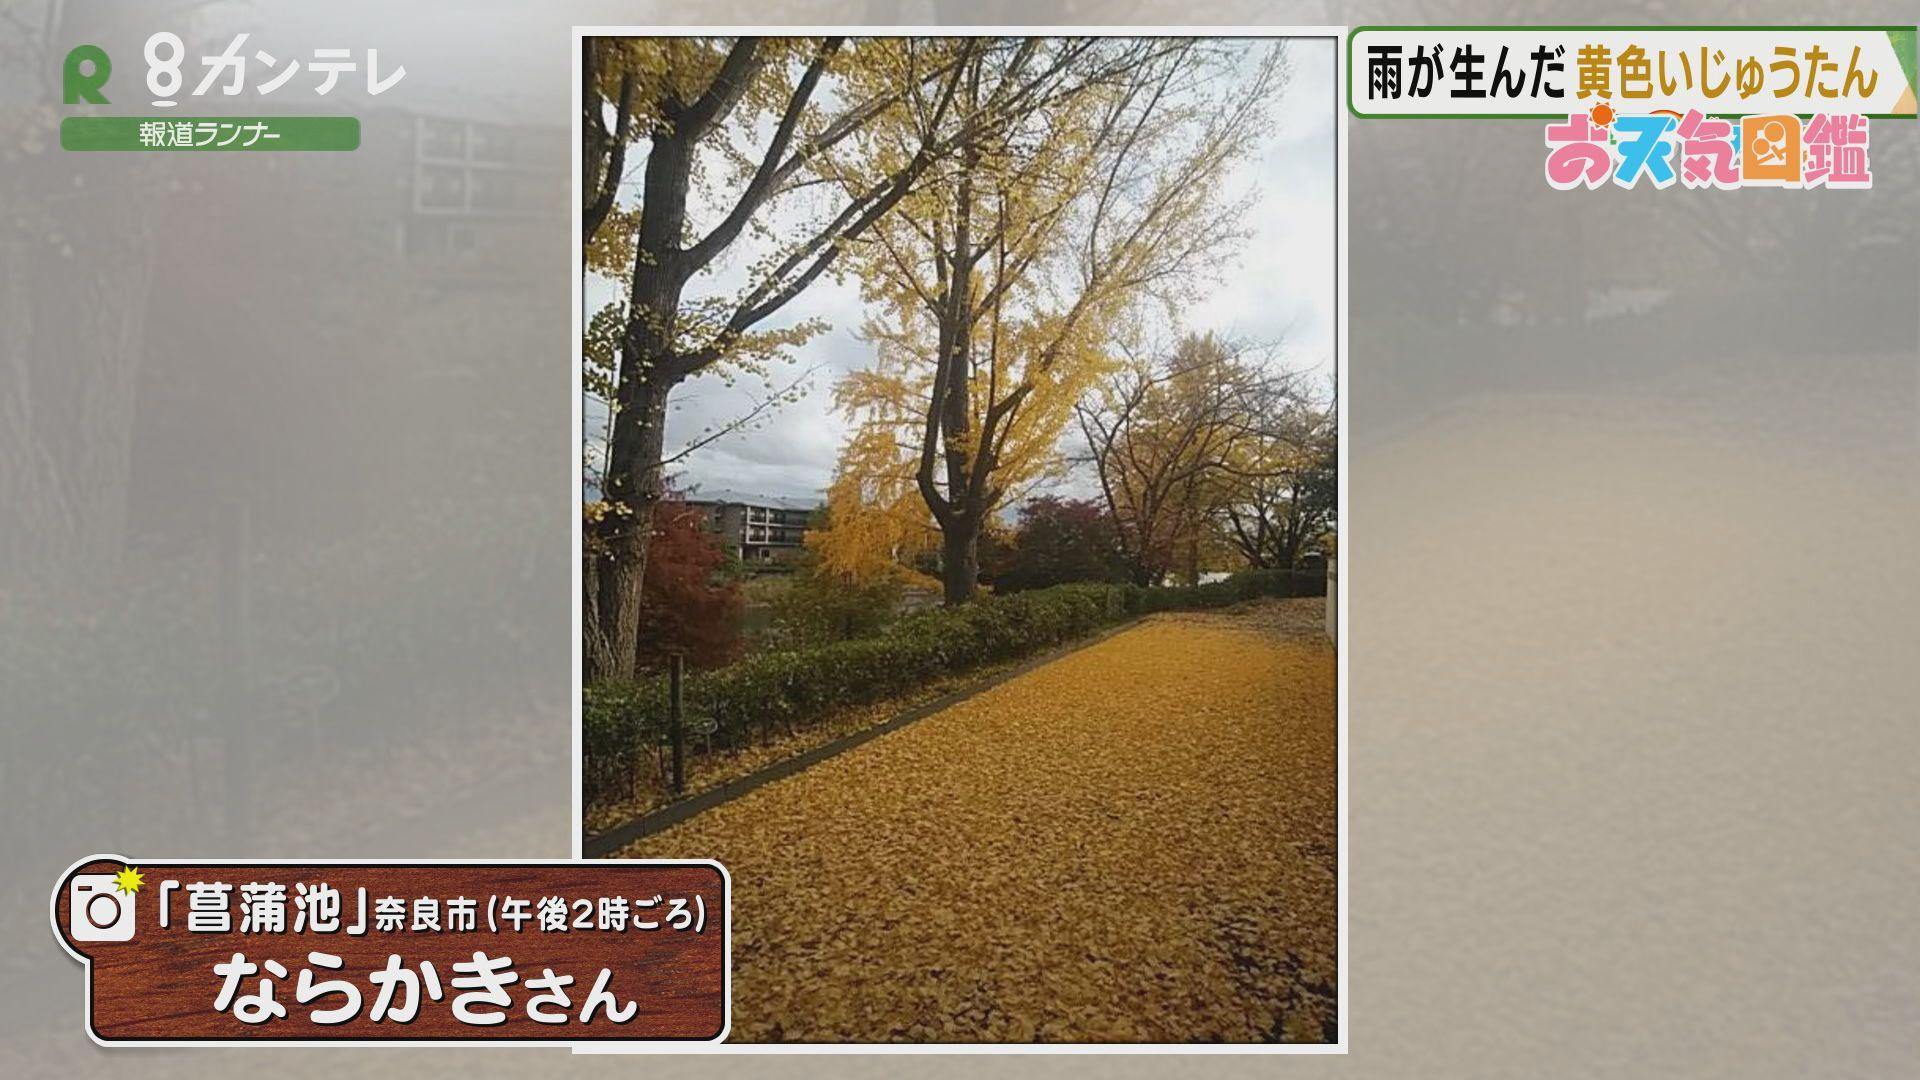 「落ち葉のじゅうたん」(奈良市)